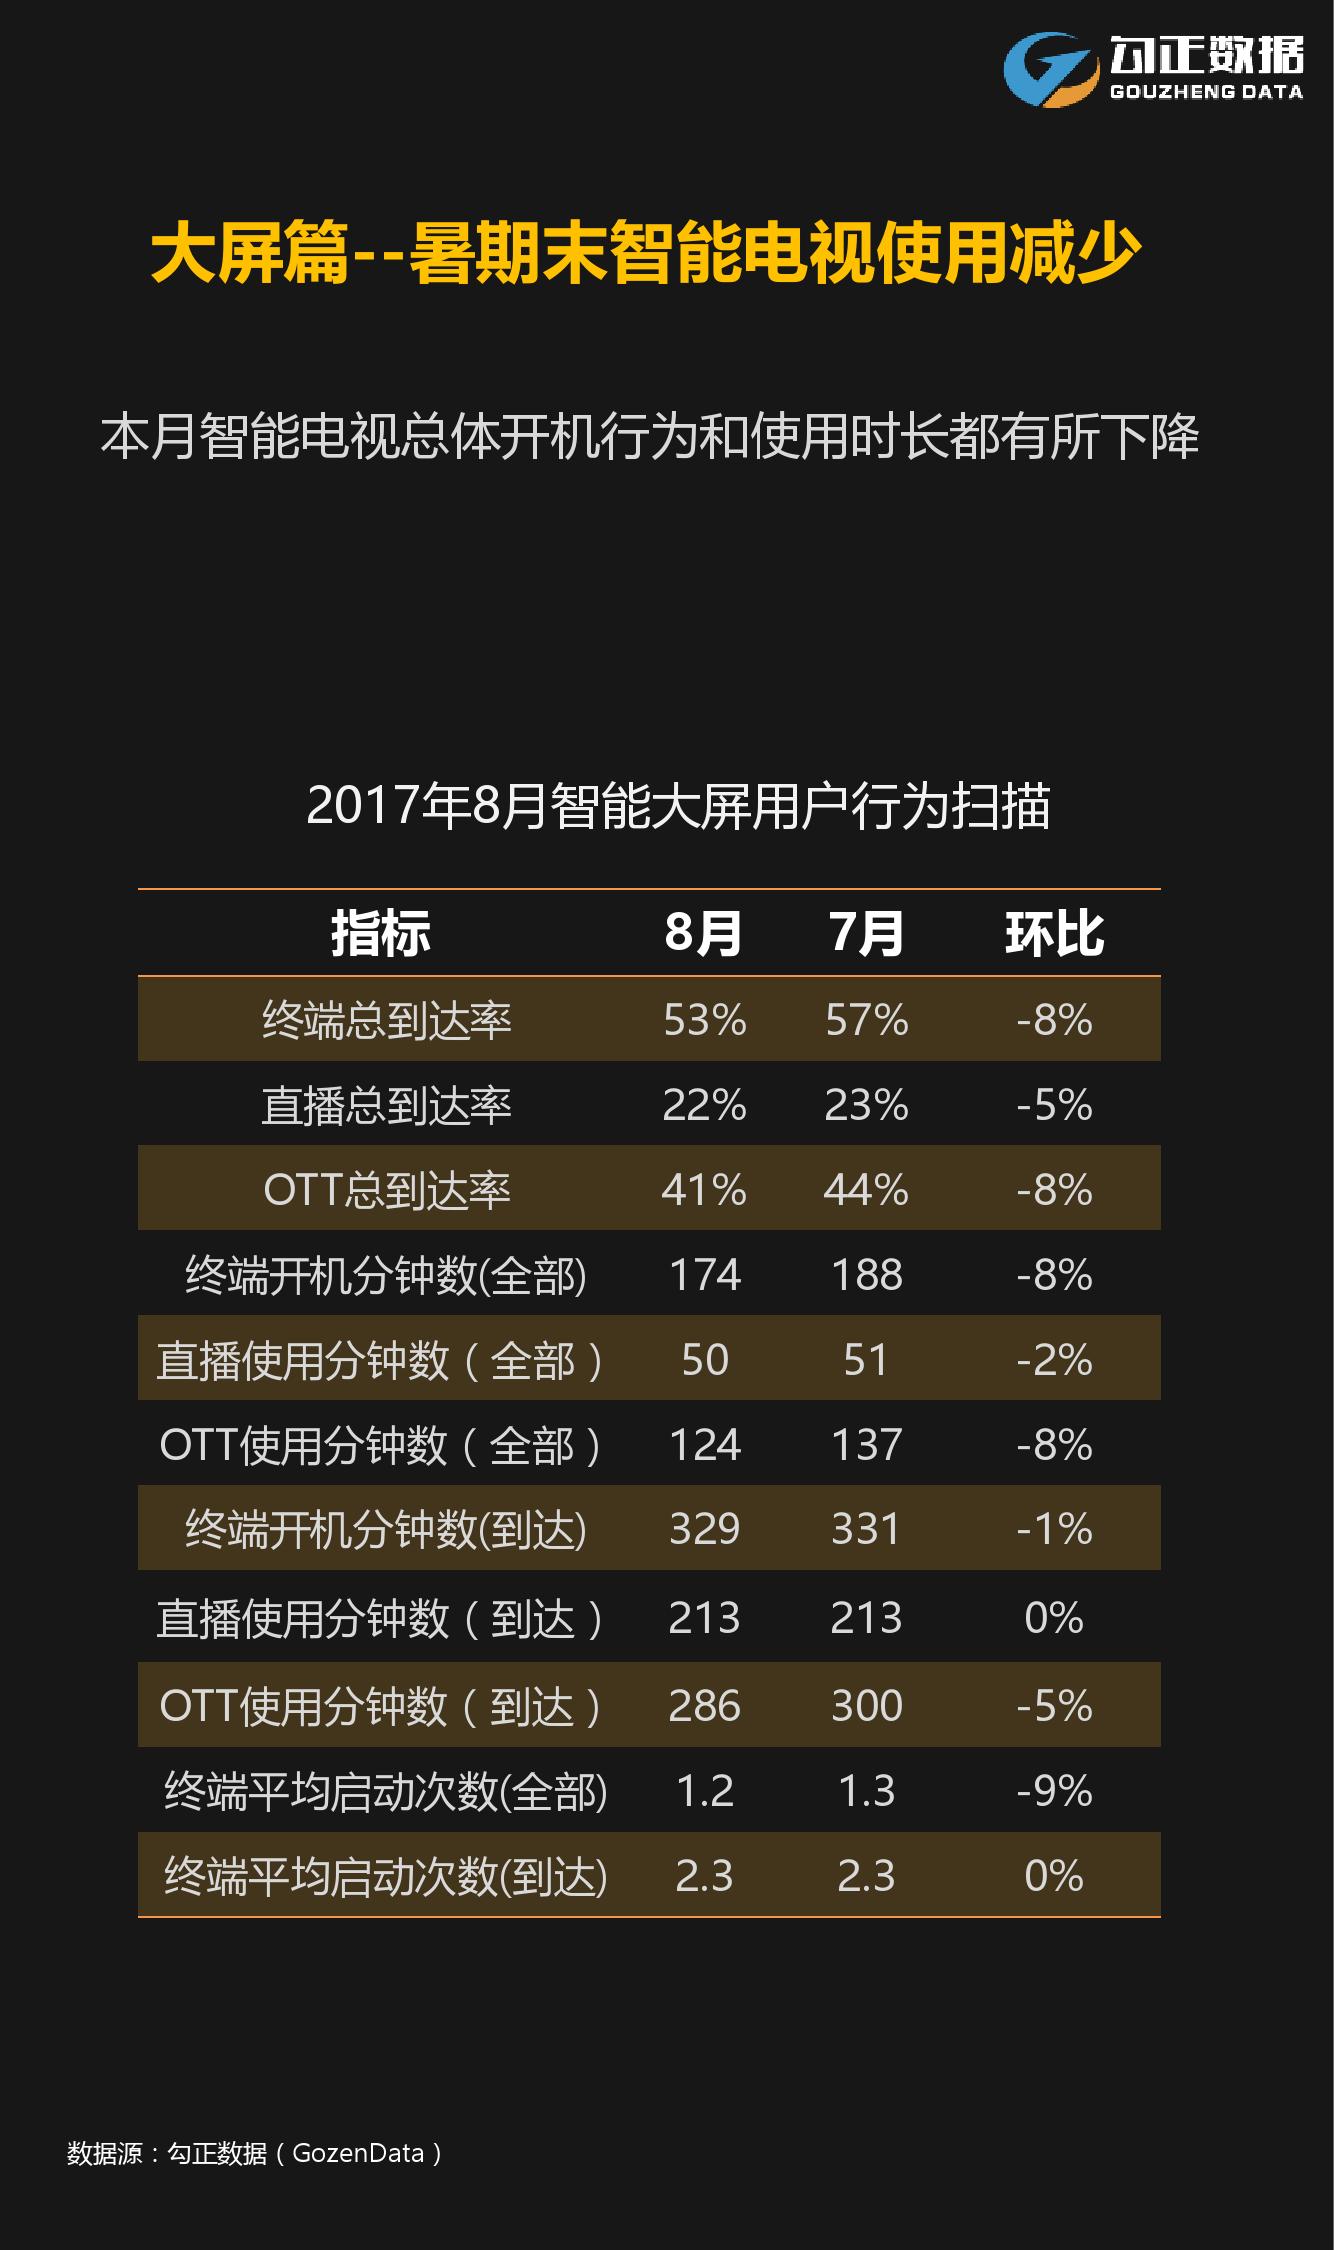 2017年8月智能电视大数据报告-09大数据